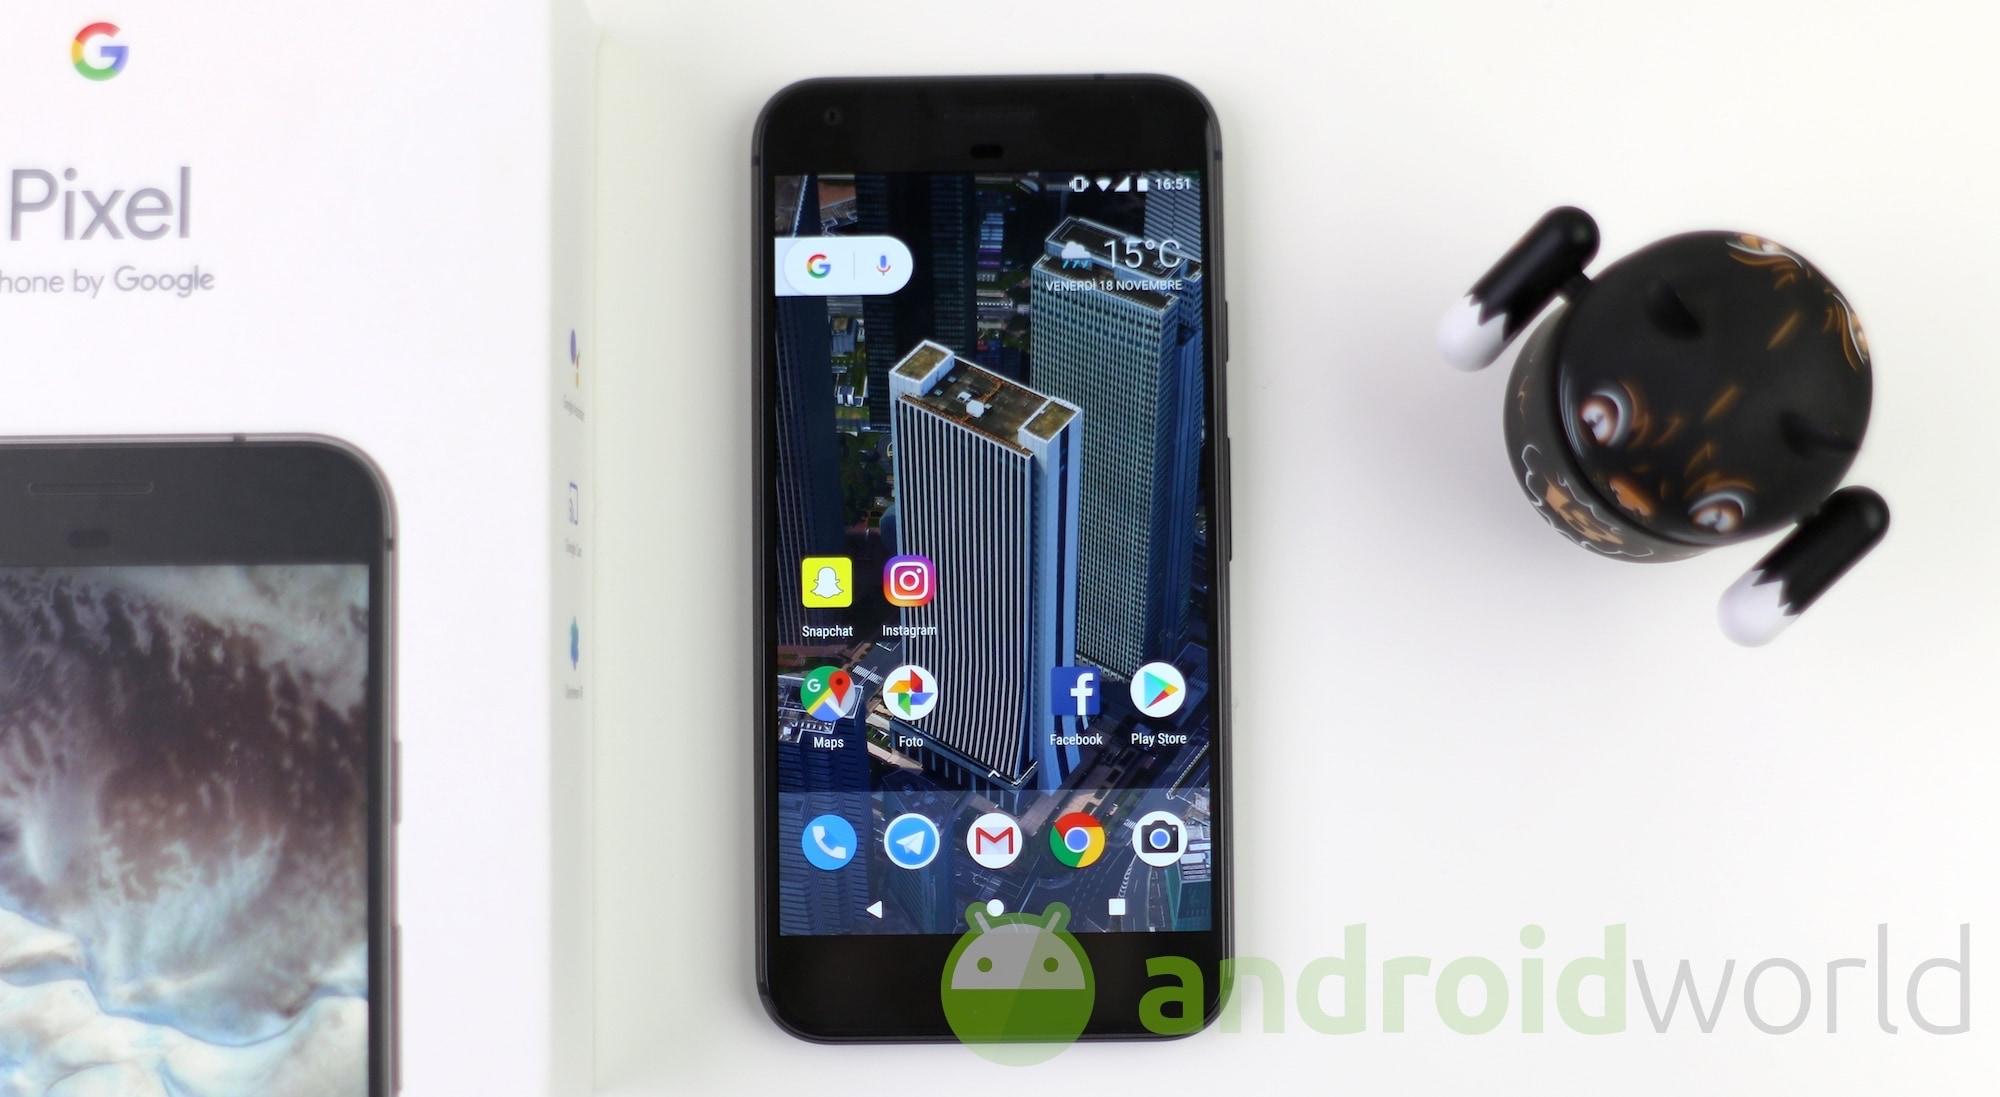 Google Telefono si aggiorna con gesture per rispondere / riagganciare